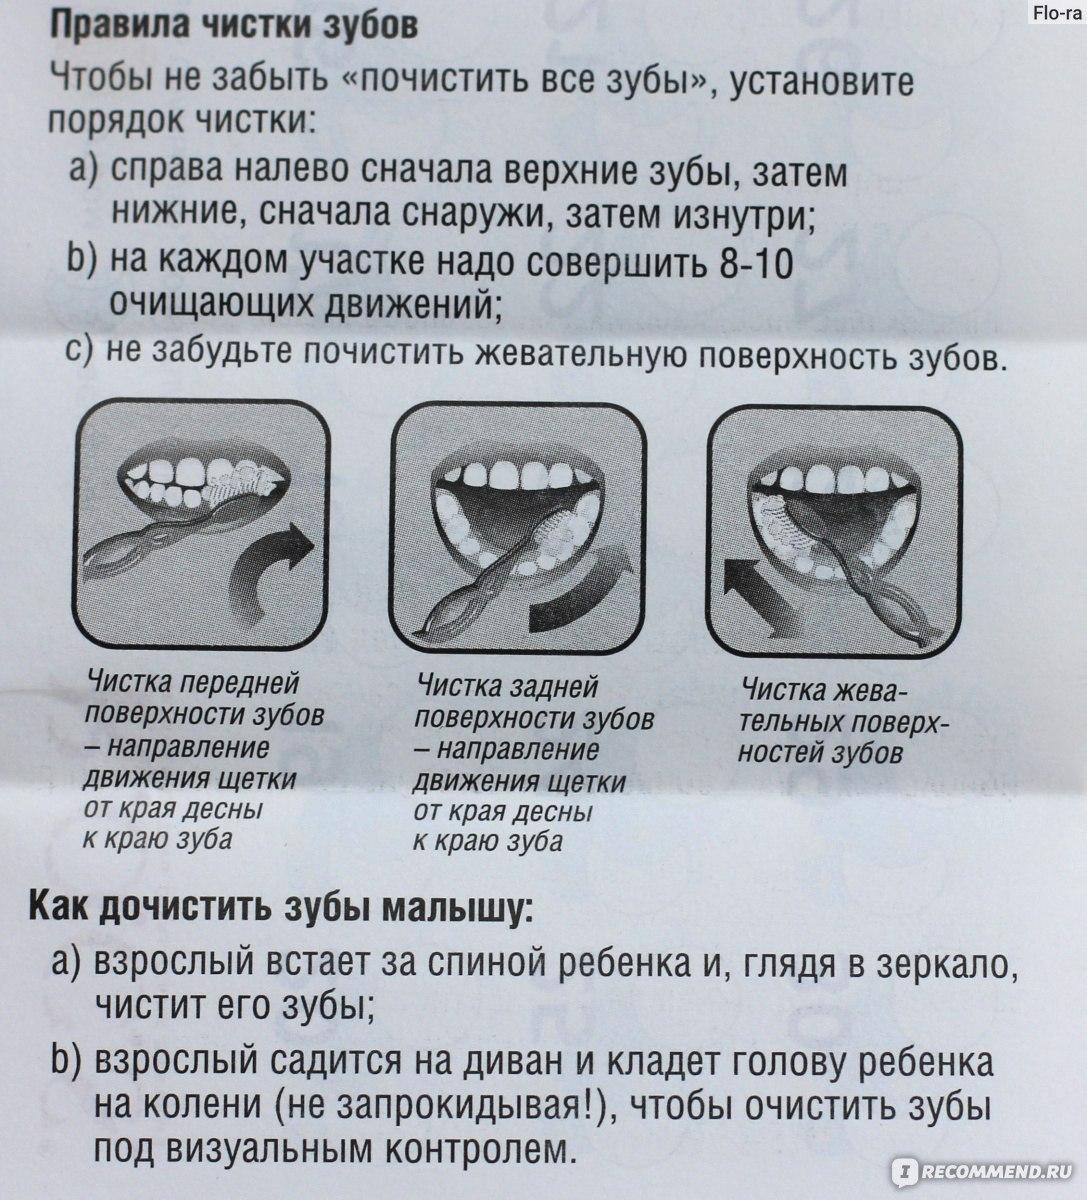 Правила чистки зубов питомцу: от выбора щетки до количества процедур